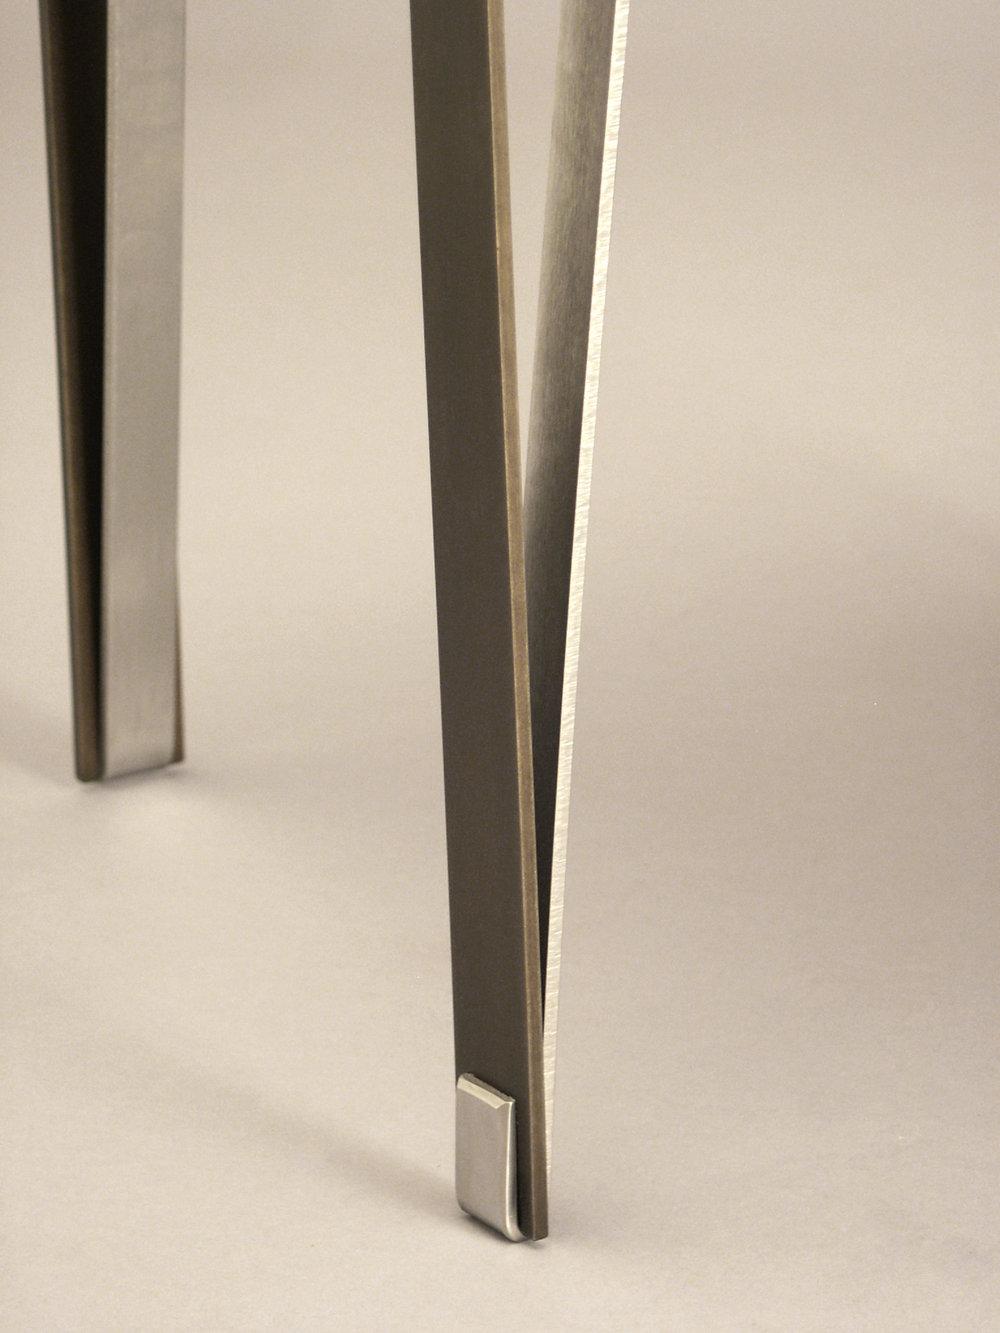 Table.9097.legs.twoup2.edit.jpg